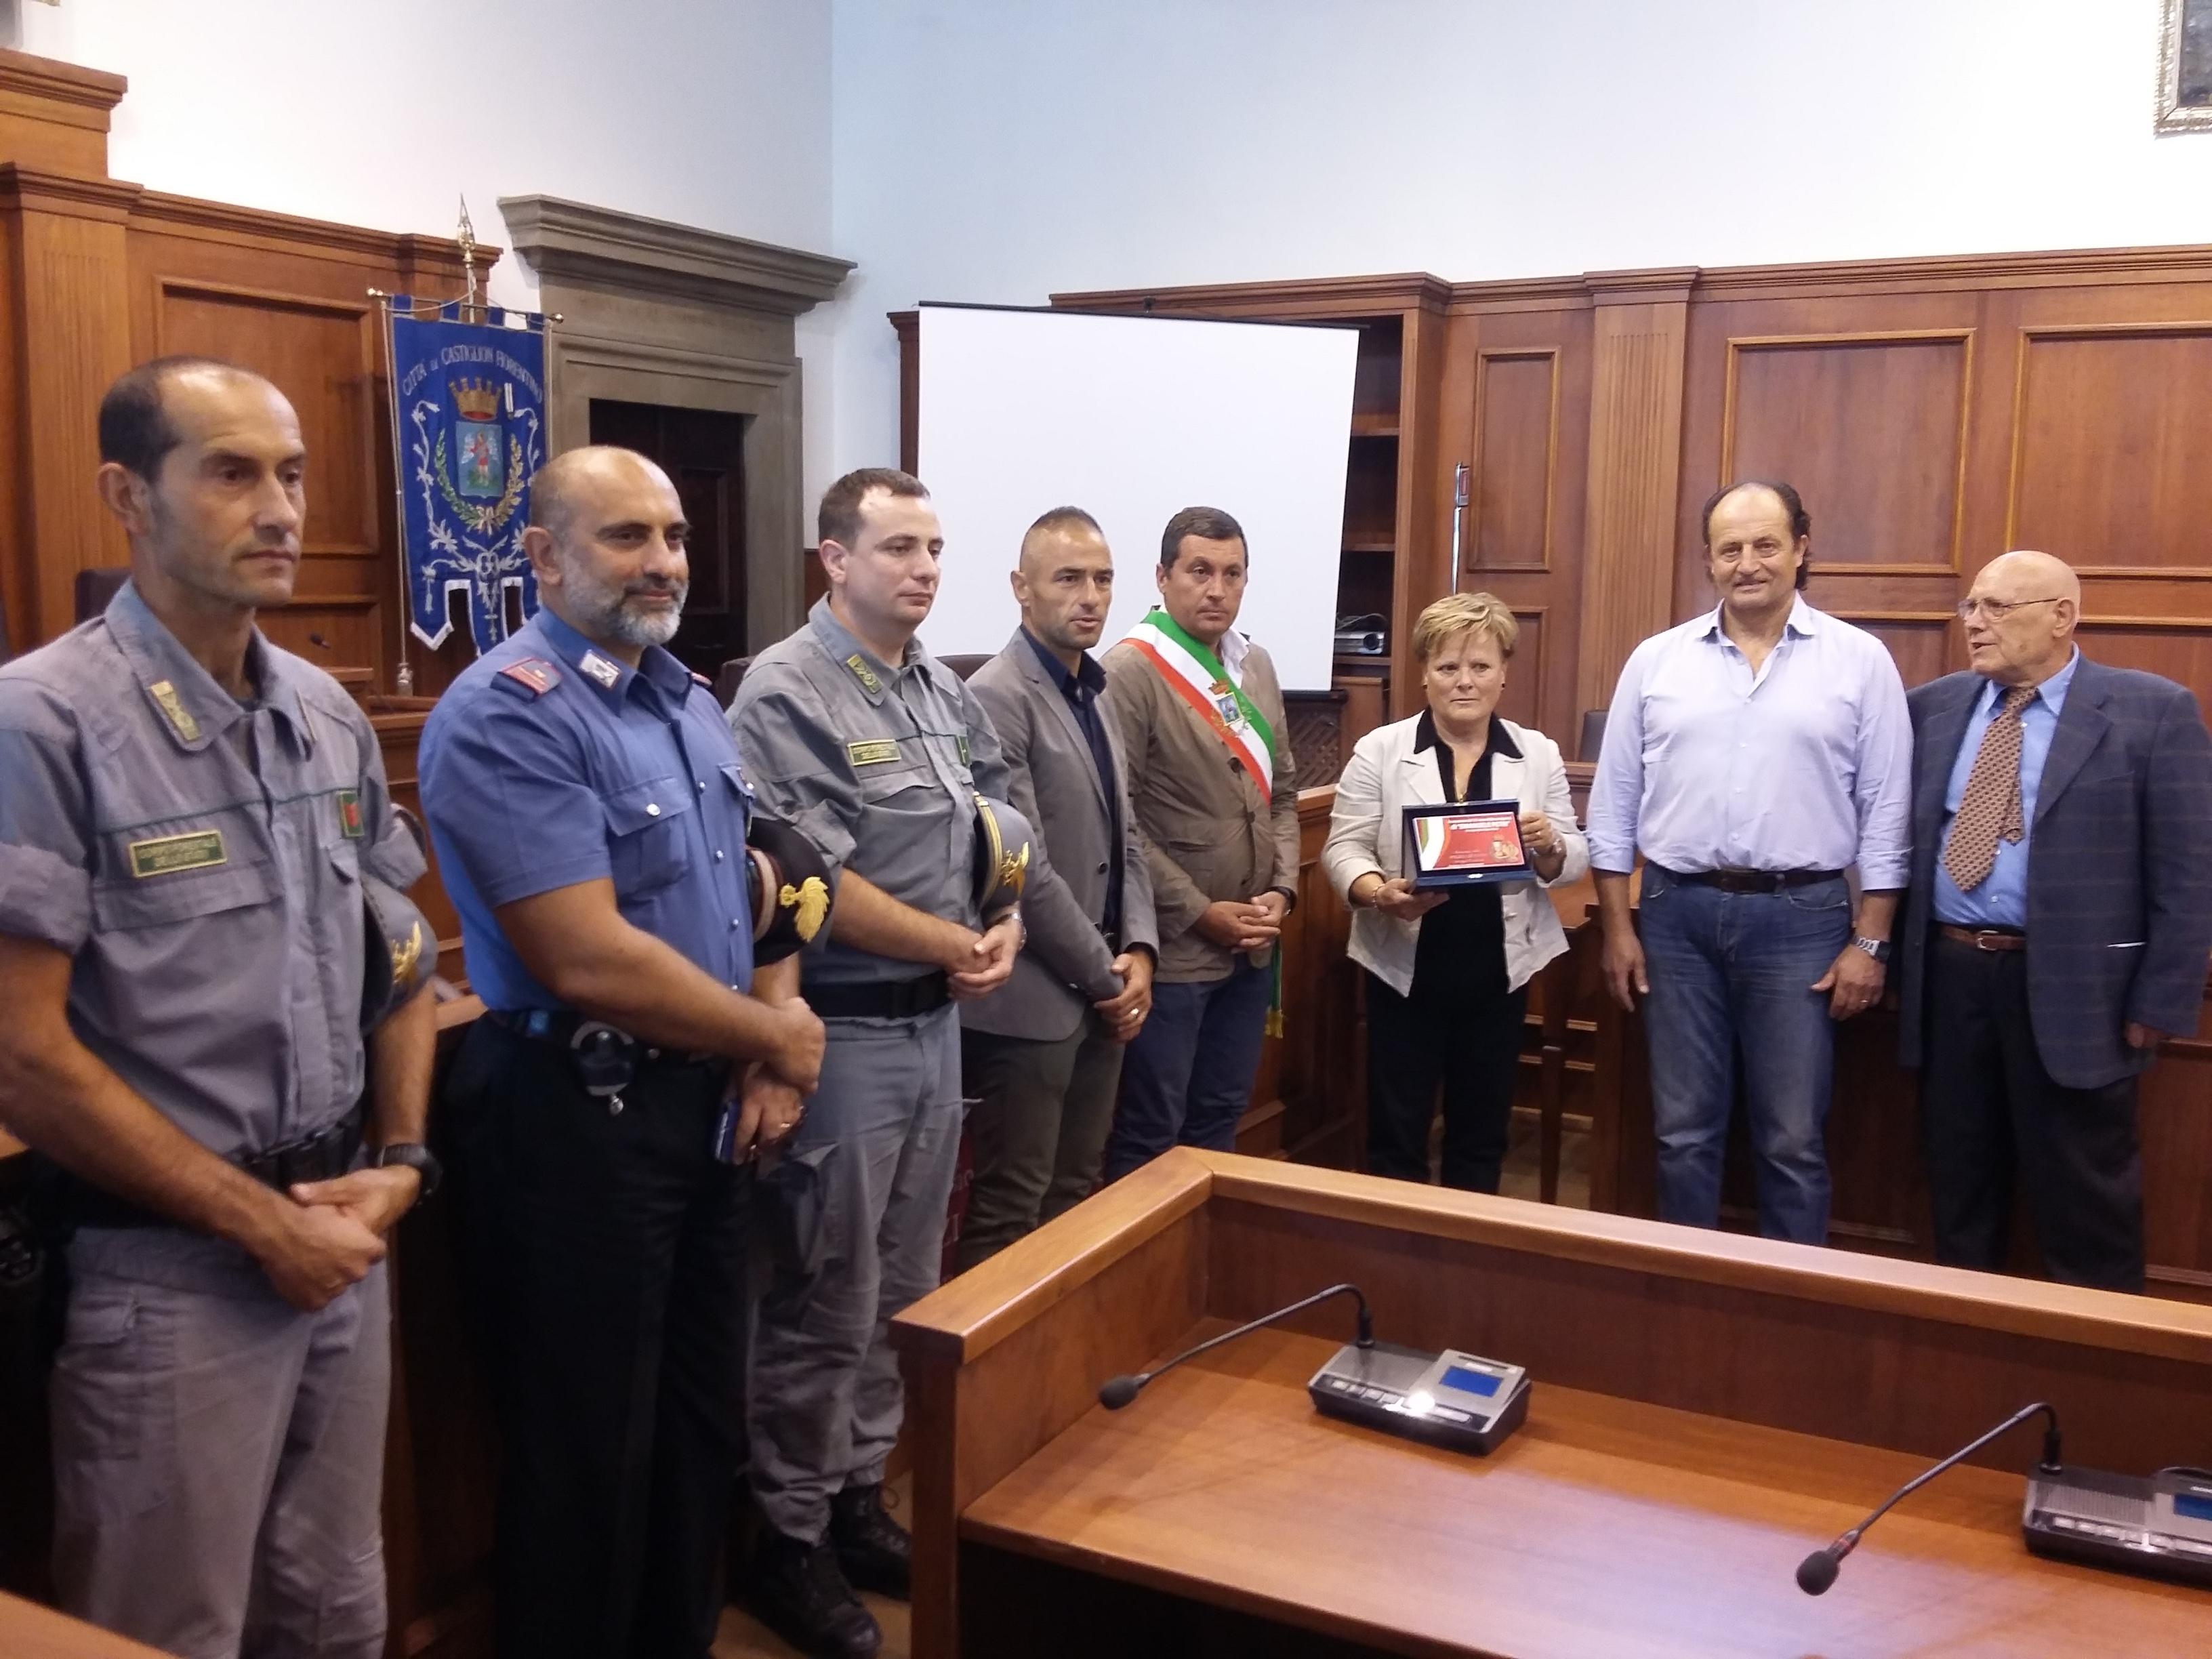 I Poliziotti in pensione omaggiano la vedova e il fratello di Emanuele Petri